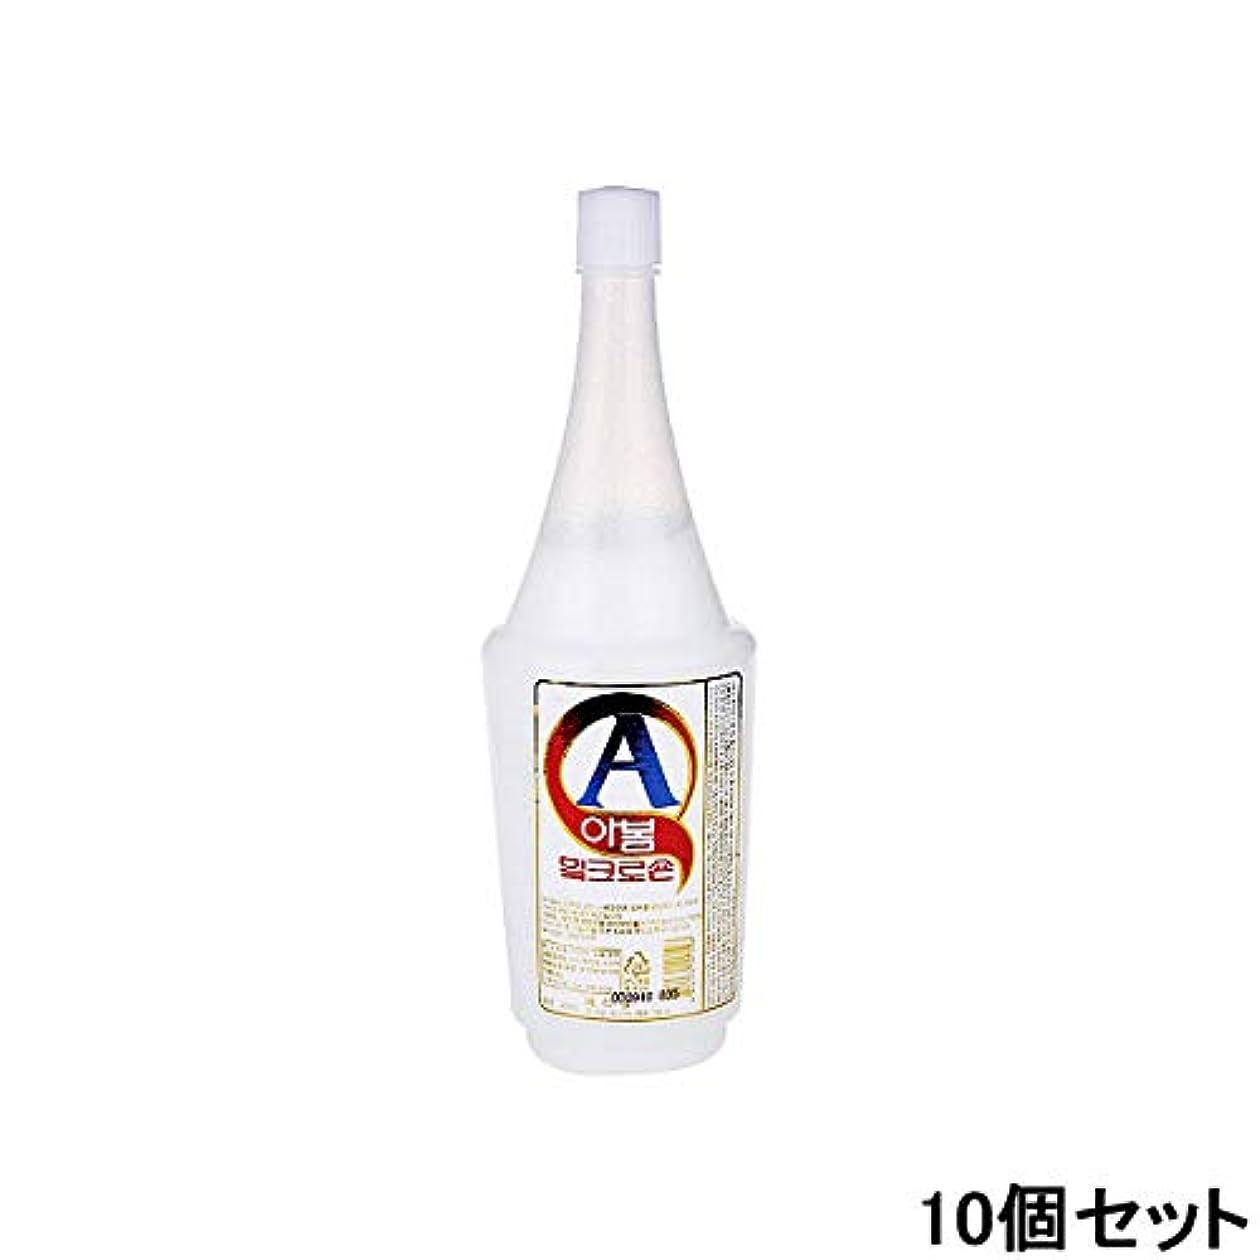 等々オンス蒸留< アボム > ミルクローション 450ml (10個セット) [ マッサージジェル マッサージローション 乳液 エマルジョン ボディマッサージ 業務用 ]